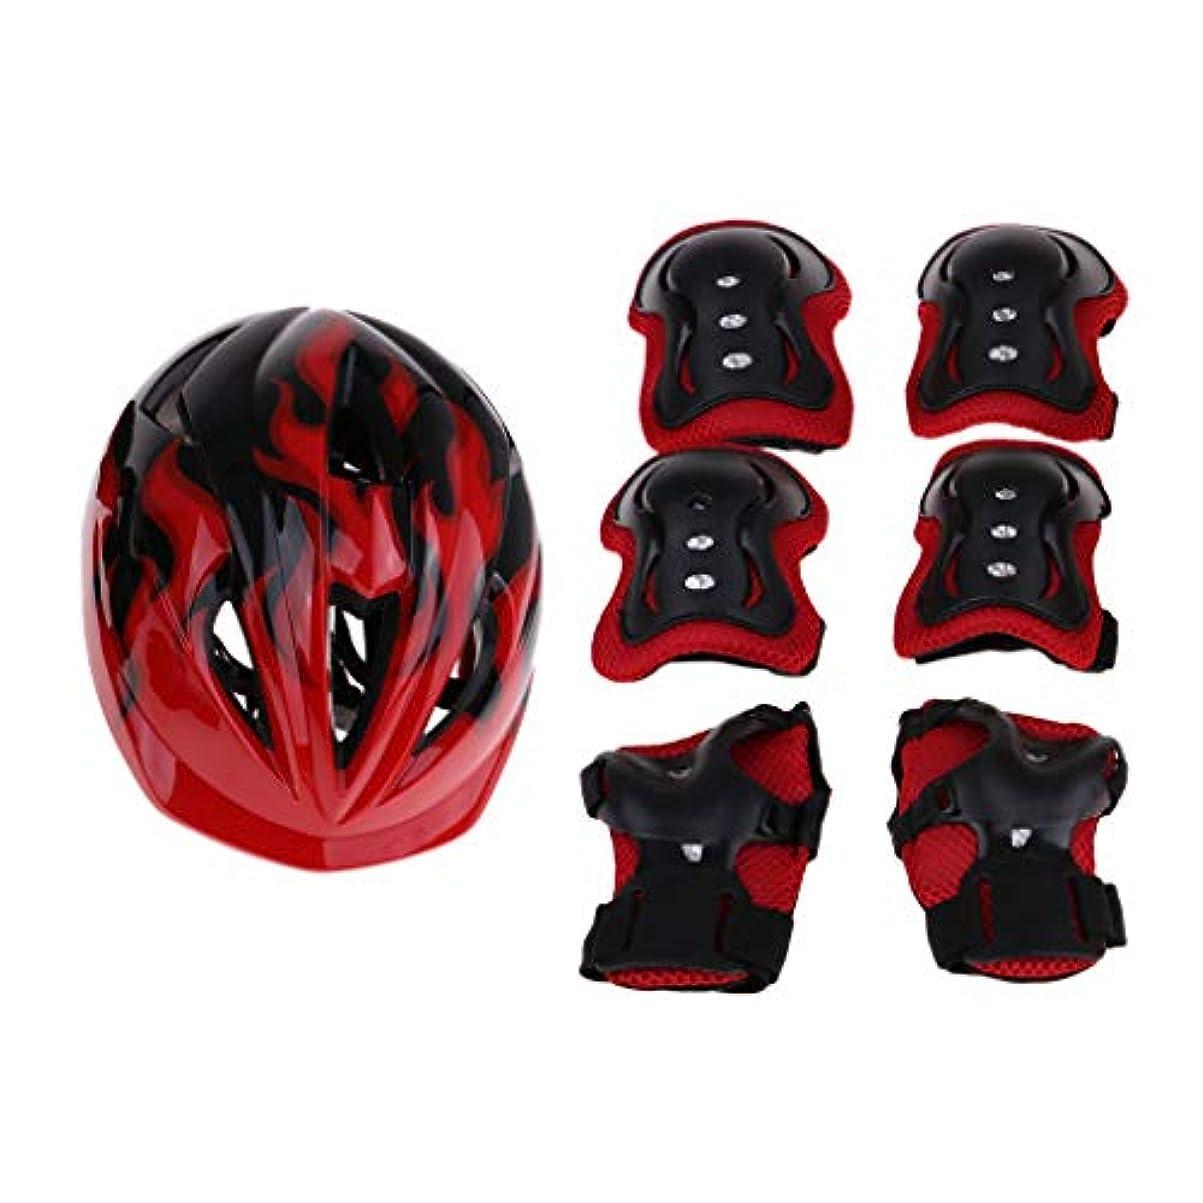 義務ブラウスバーマドFenteer 子供用 ヘルメット 肘/膝/手首プロテクター 保護パッド 自転車 安全 軽量 2サイズ